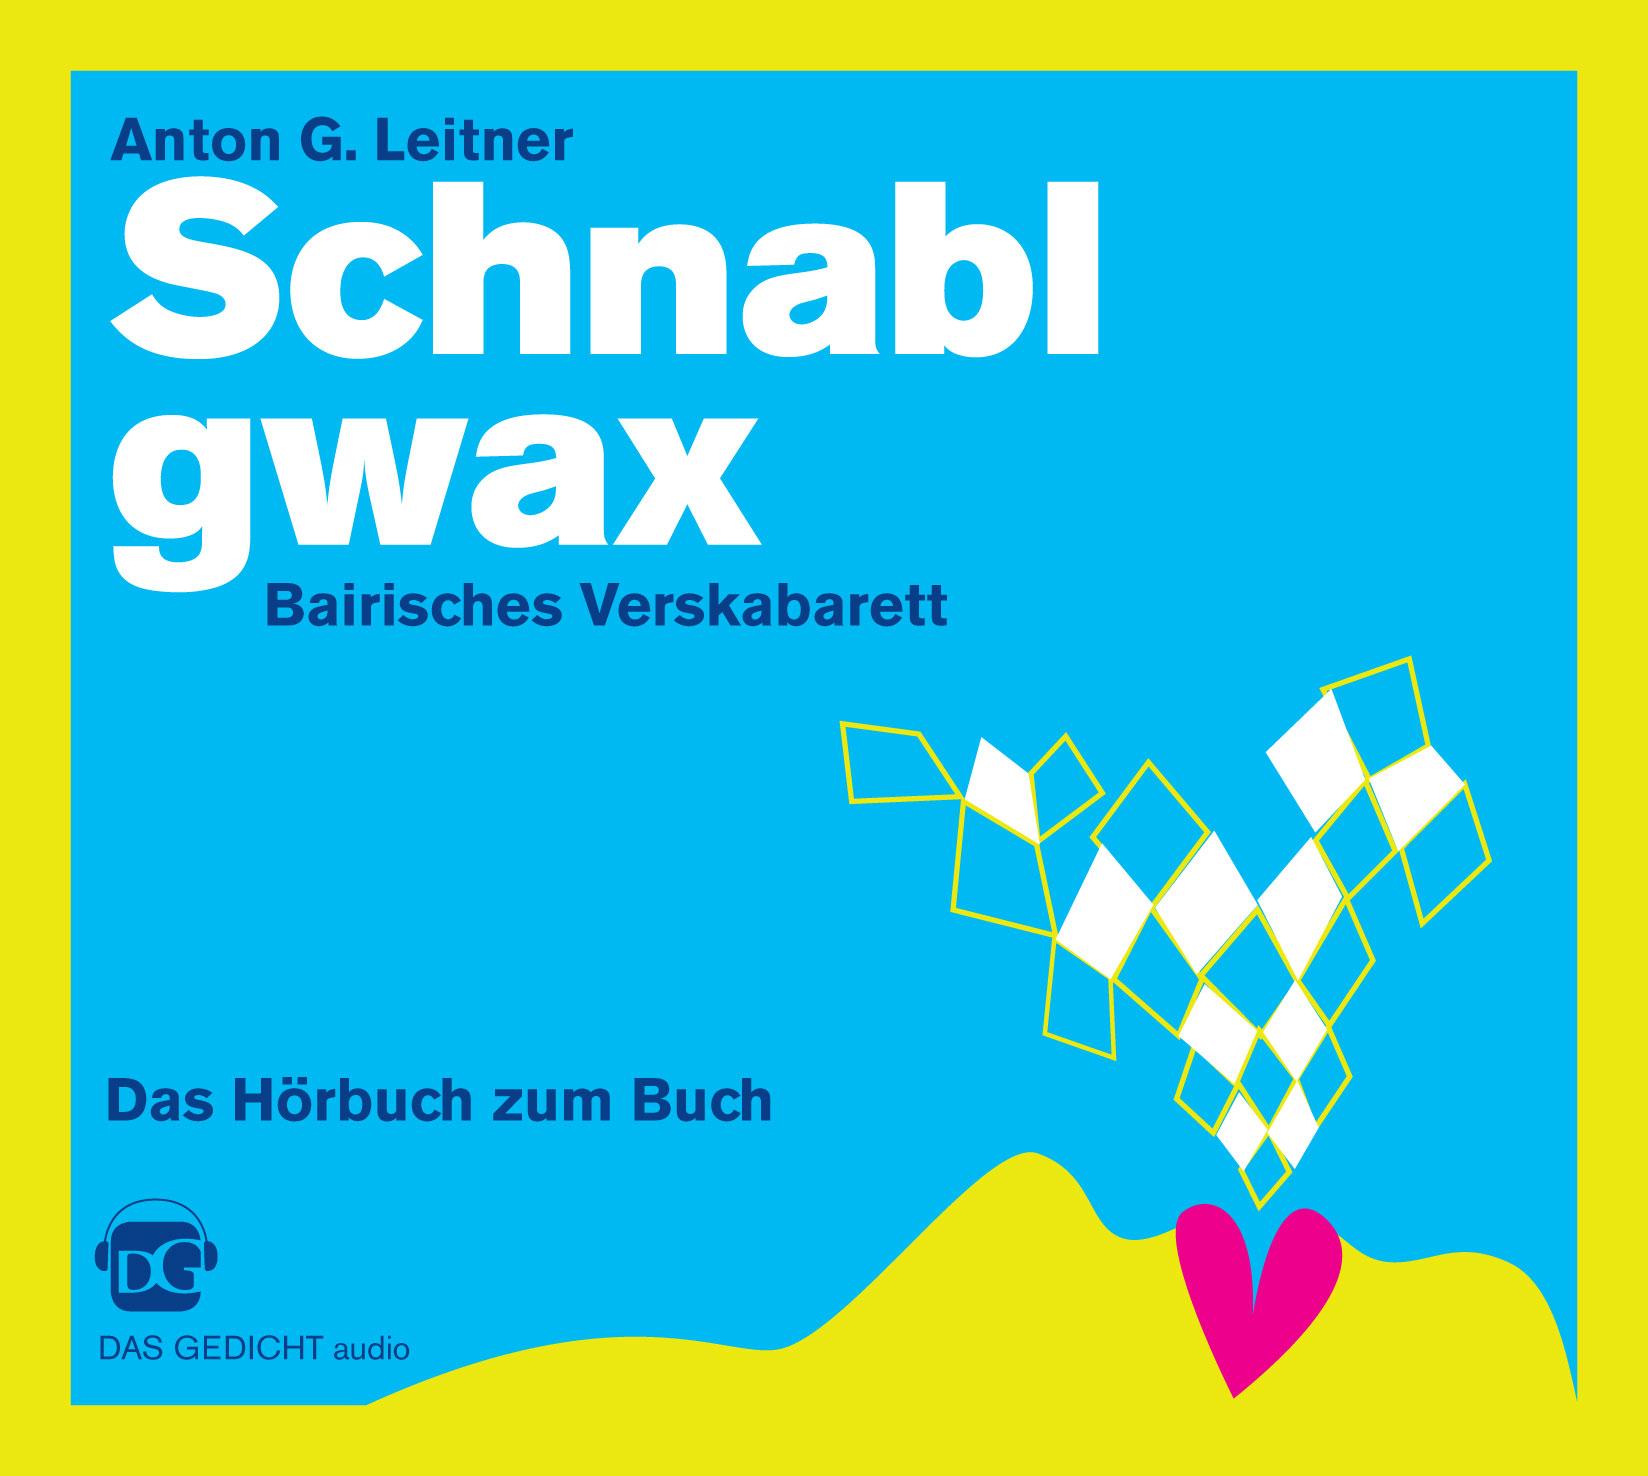 Schnablgwax. Bairisches Verskabarett, Anton G. Leitner